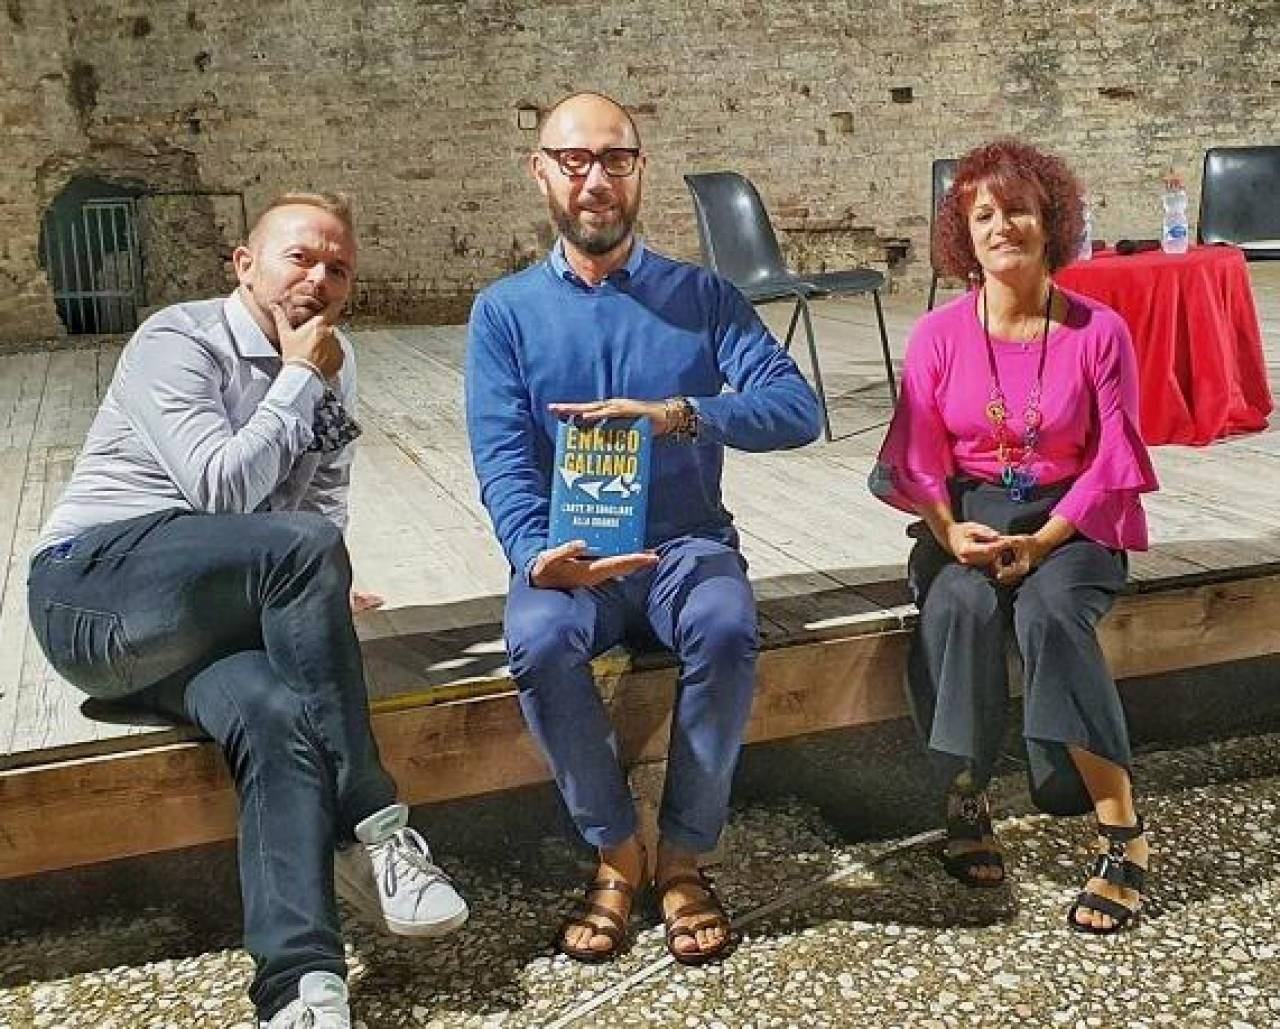 Francesco Rapaccioni, Elisabetta Baldassarri e Enrico Galiano nella passata edizione